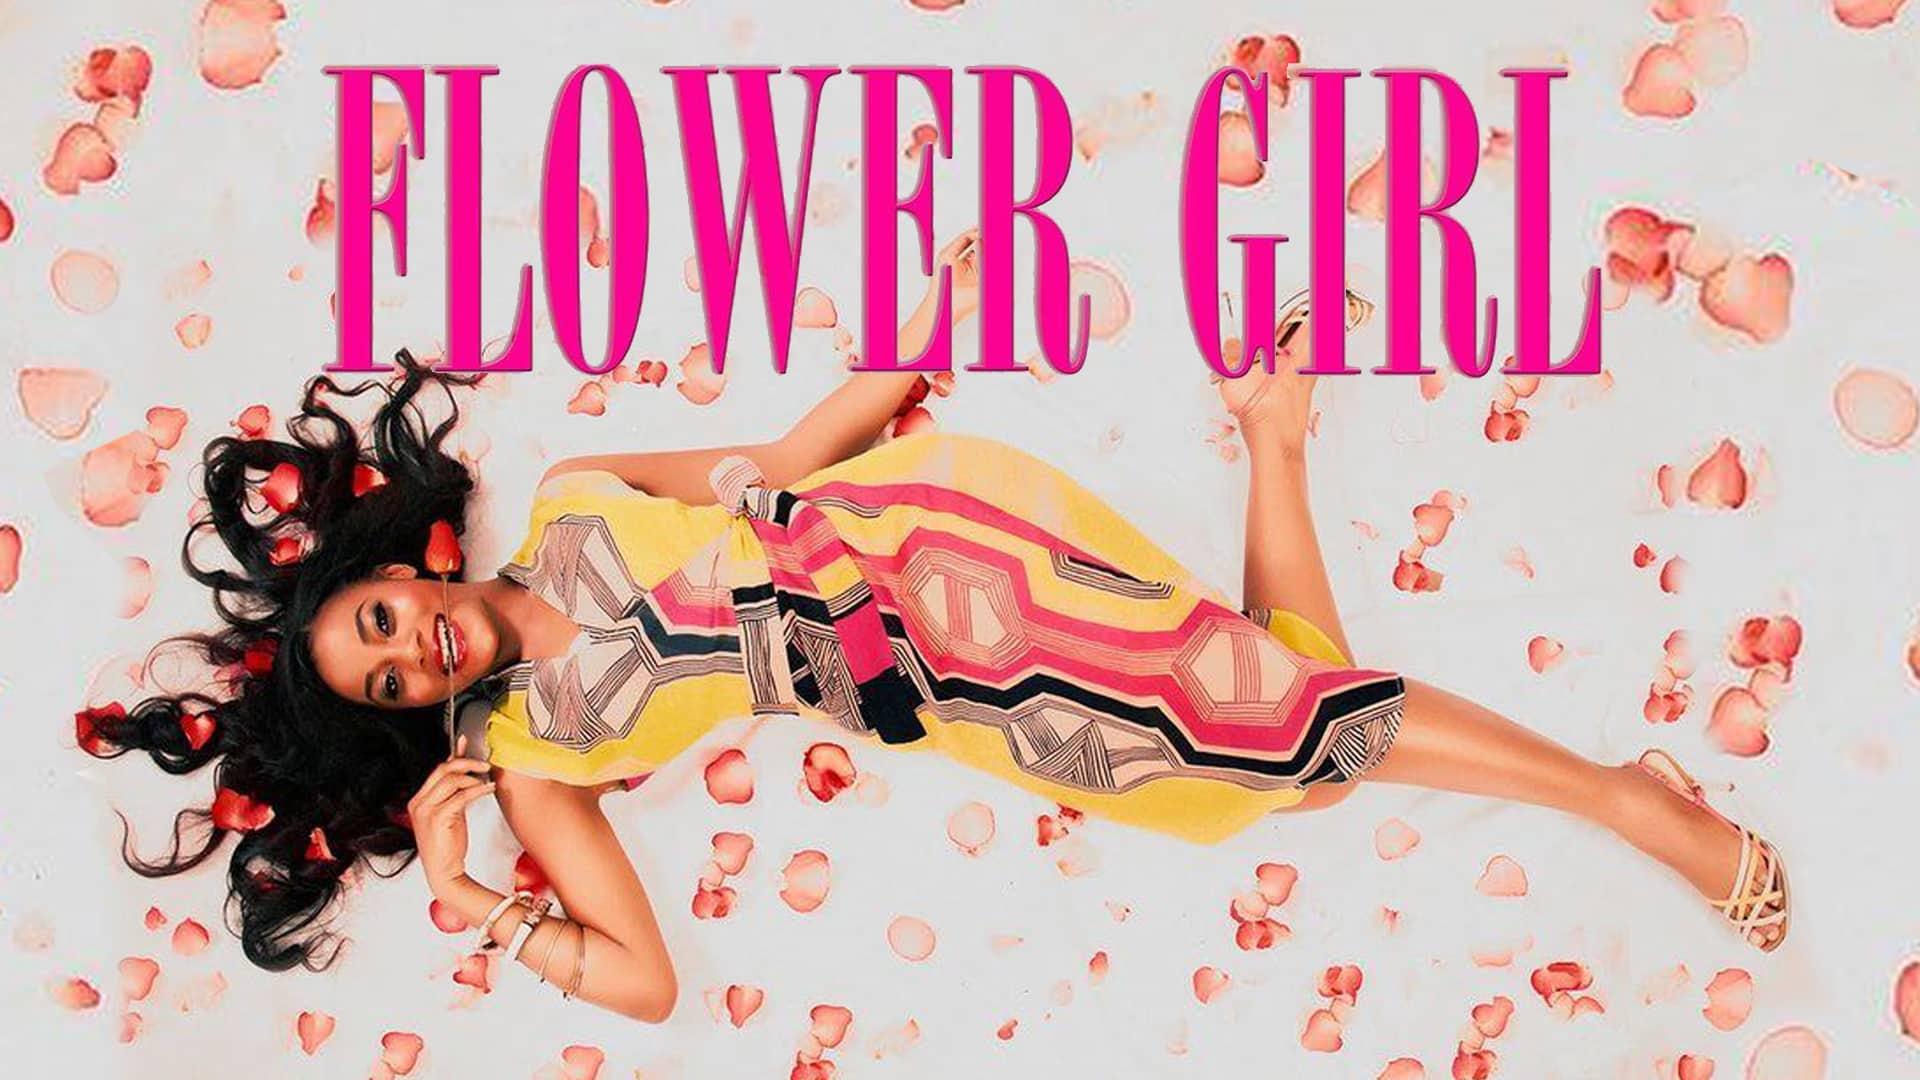 FLOWER GIRL Poster 1920x1080 16x9